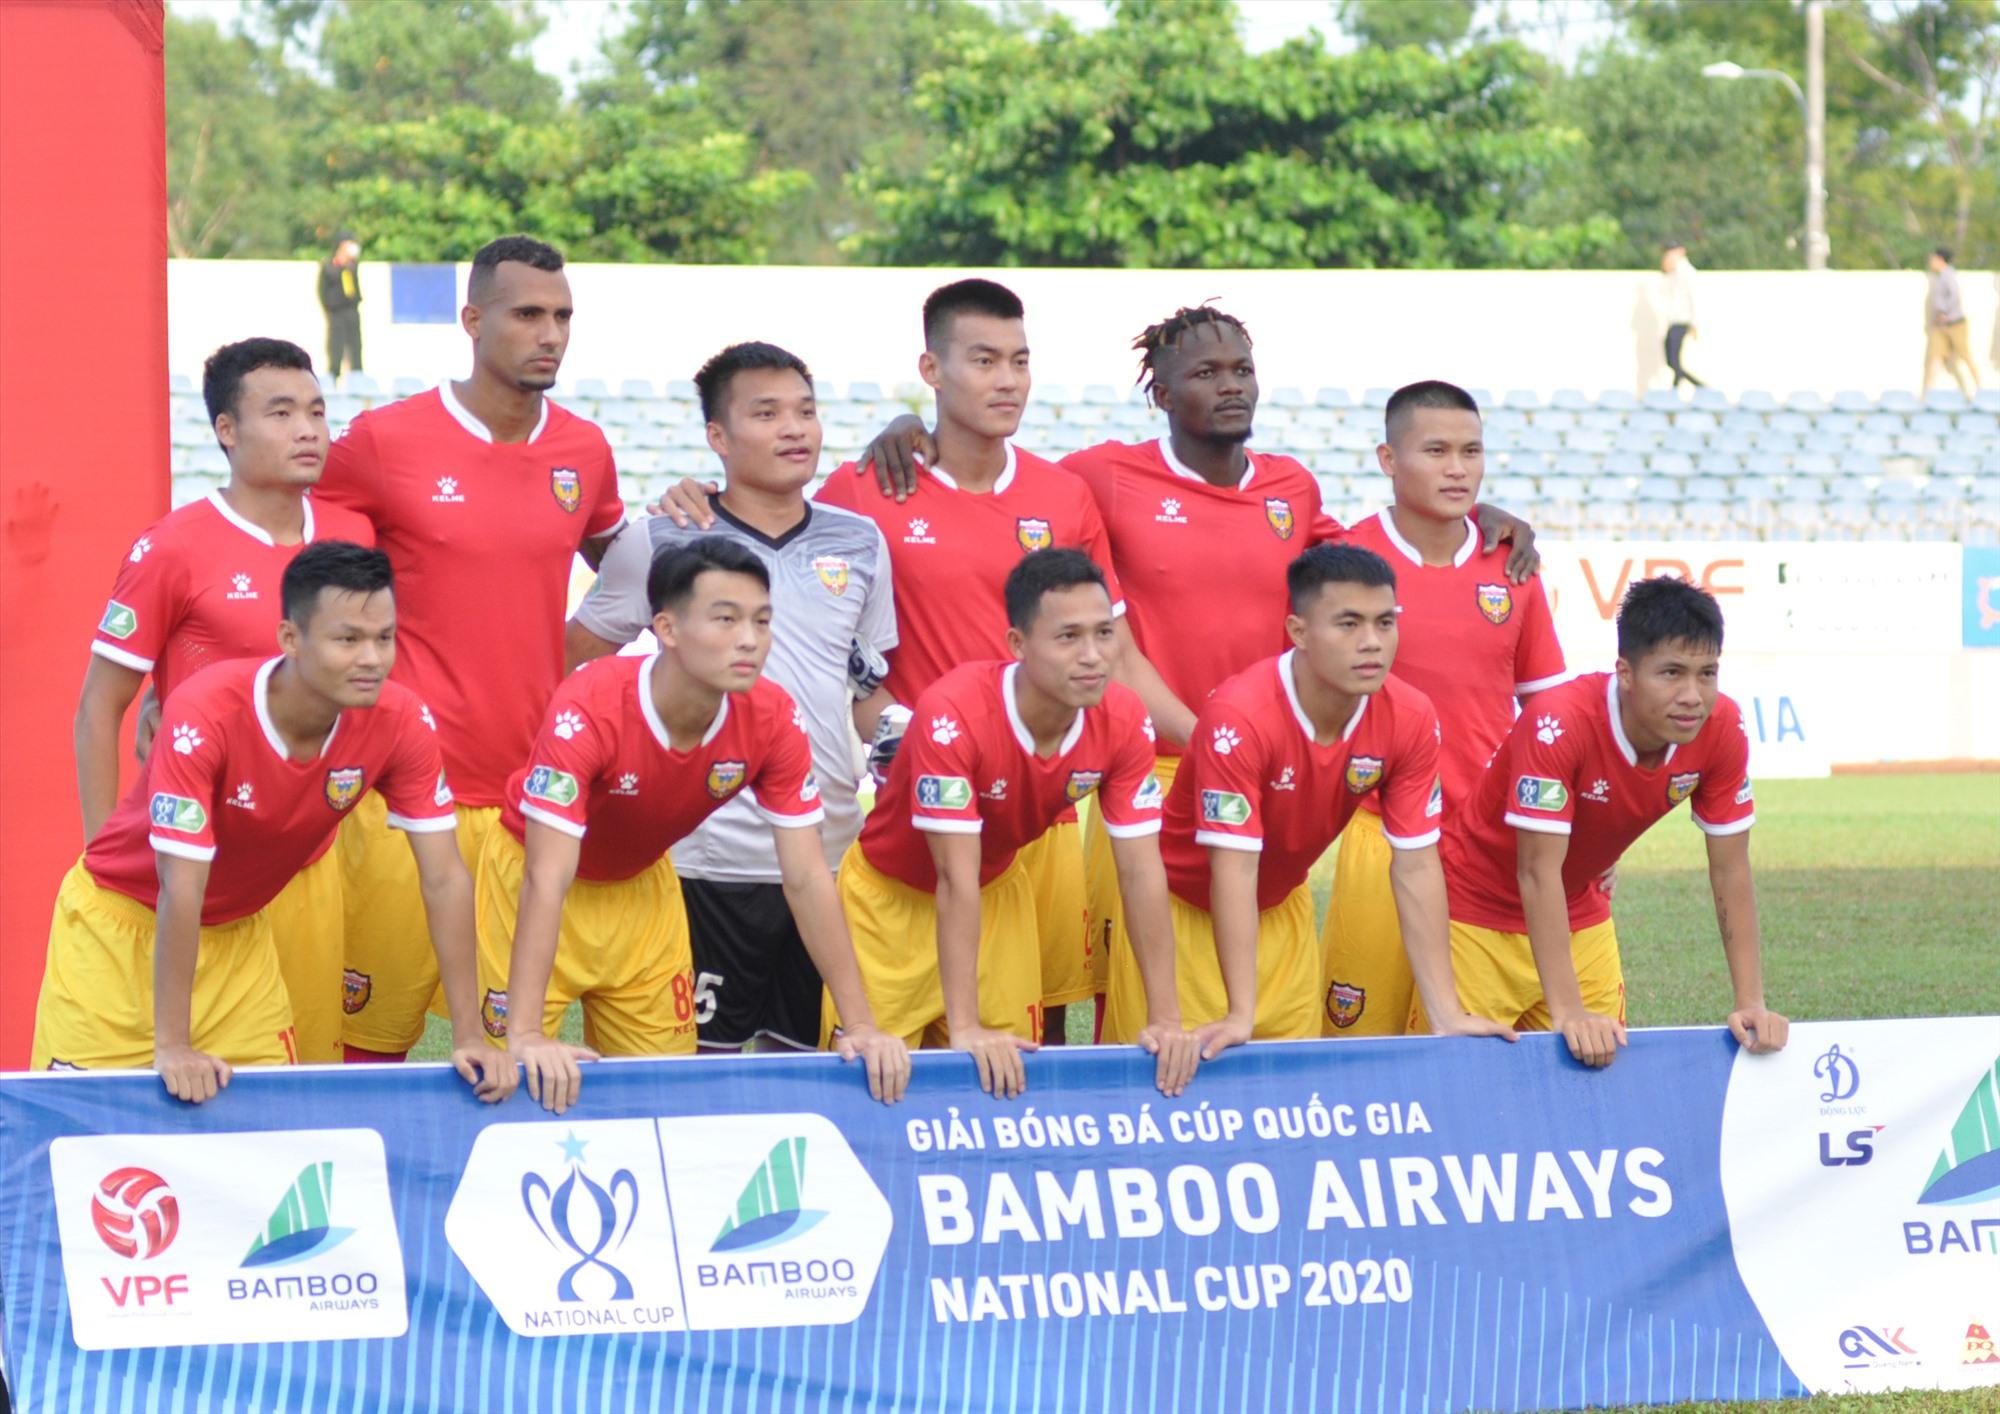 Cúp quốc gia trở lại cuối tuần này và Hồng Lĩnh Hà Tĩnh (ảnh) sẽ đón tiếp Than Quảng Ninh. Ảnh: A.S